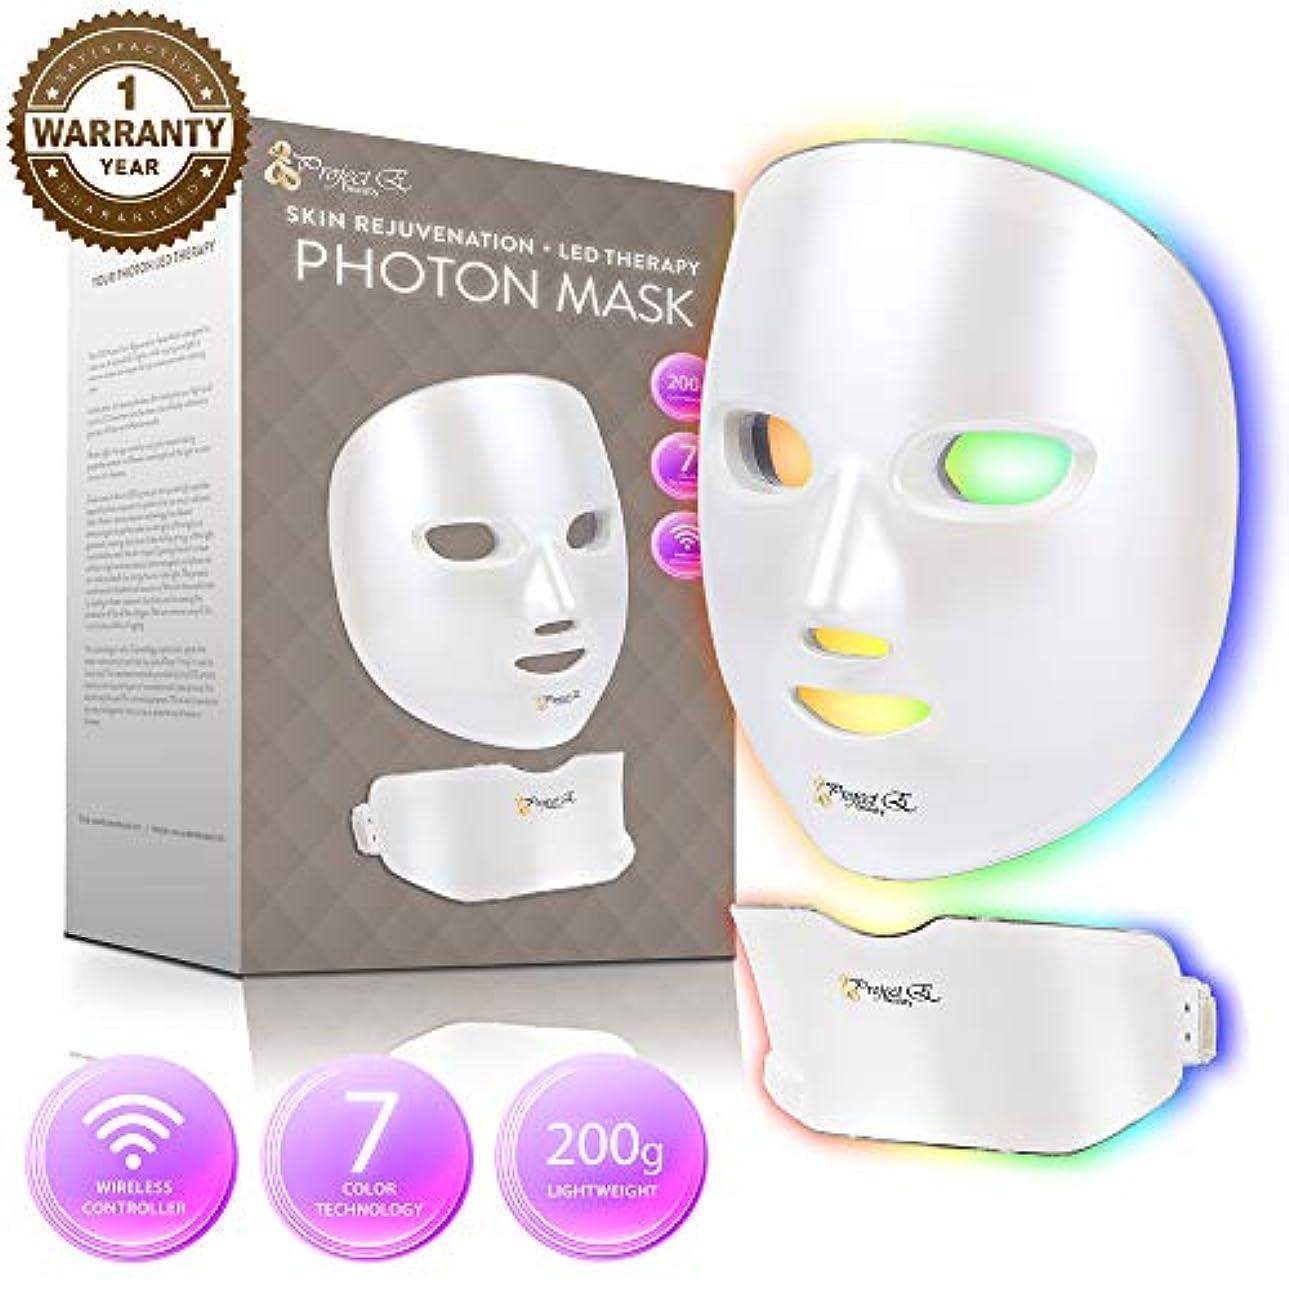 直面するポインタ知覚的Project E Beauty 7色 マスクフェイス&ネック光子光皮膚若返り療法顔 スキンケア無線マスクを主導しました ワンサイズ パール?ホワイト